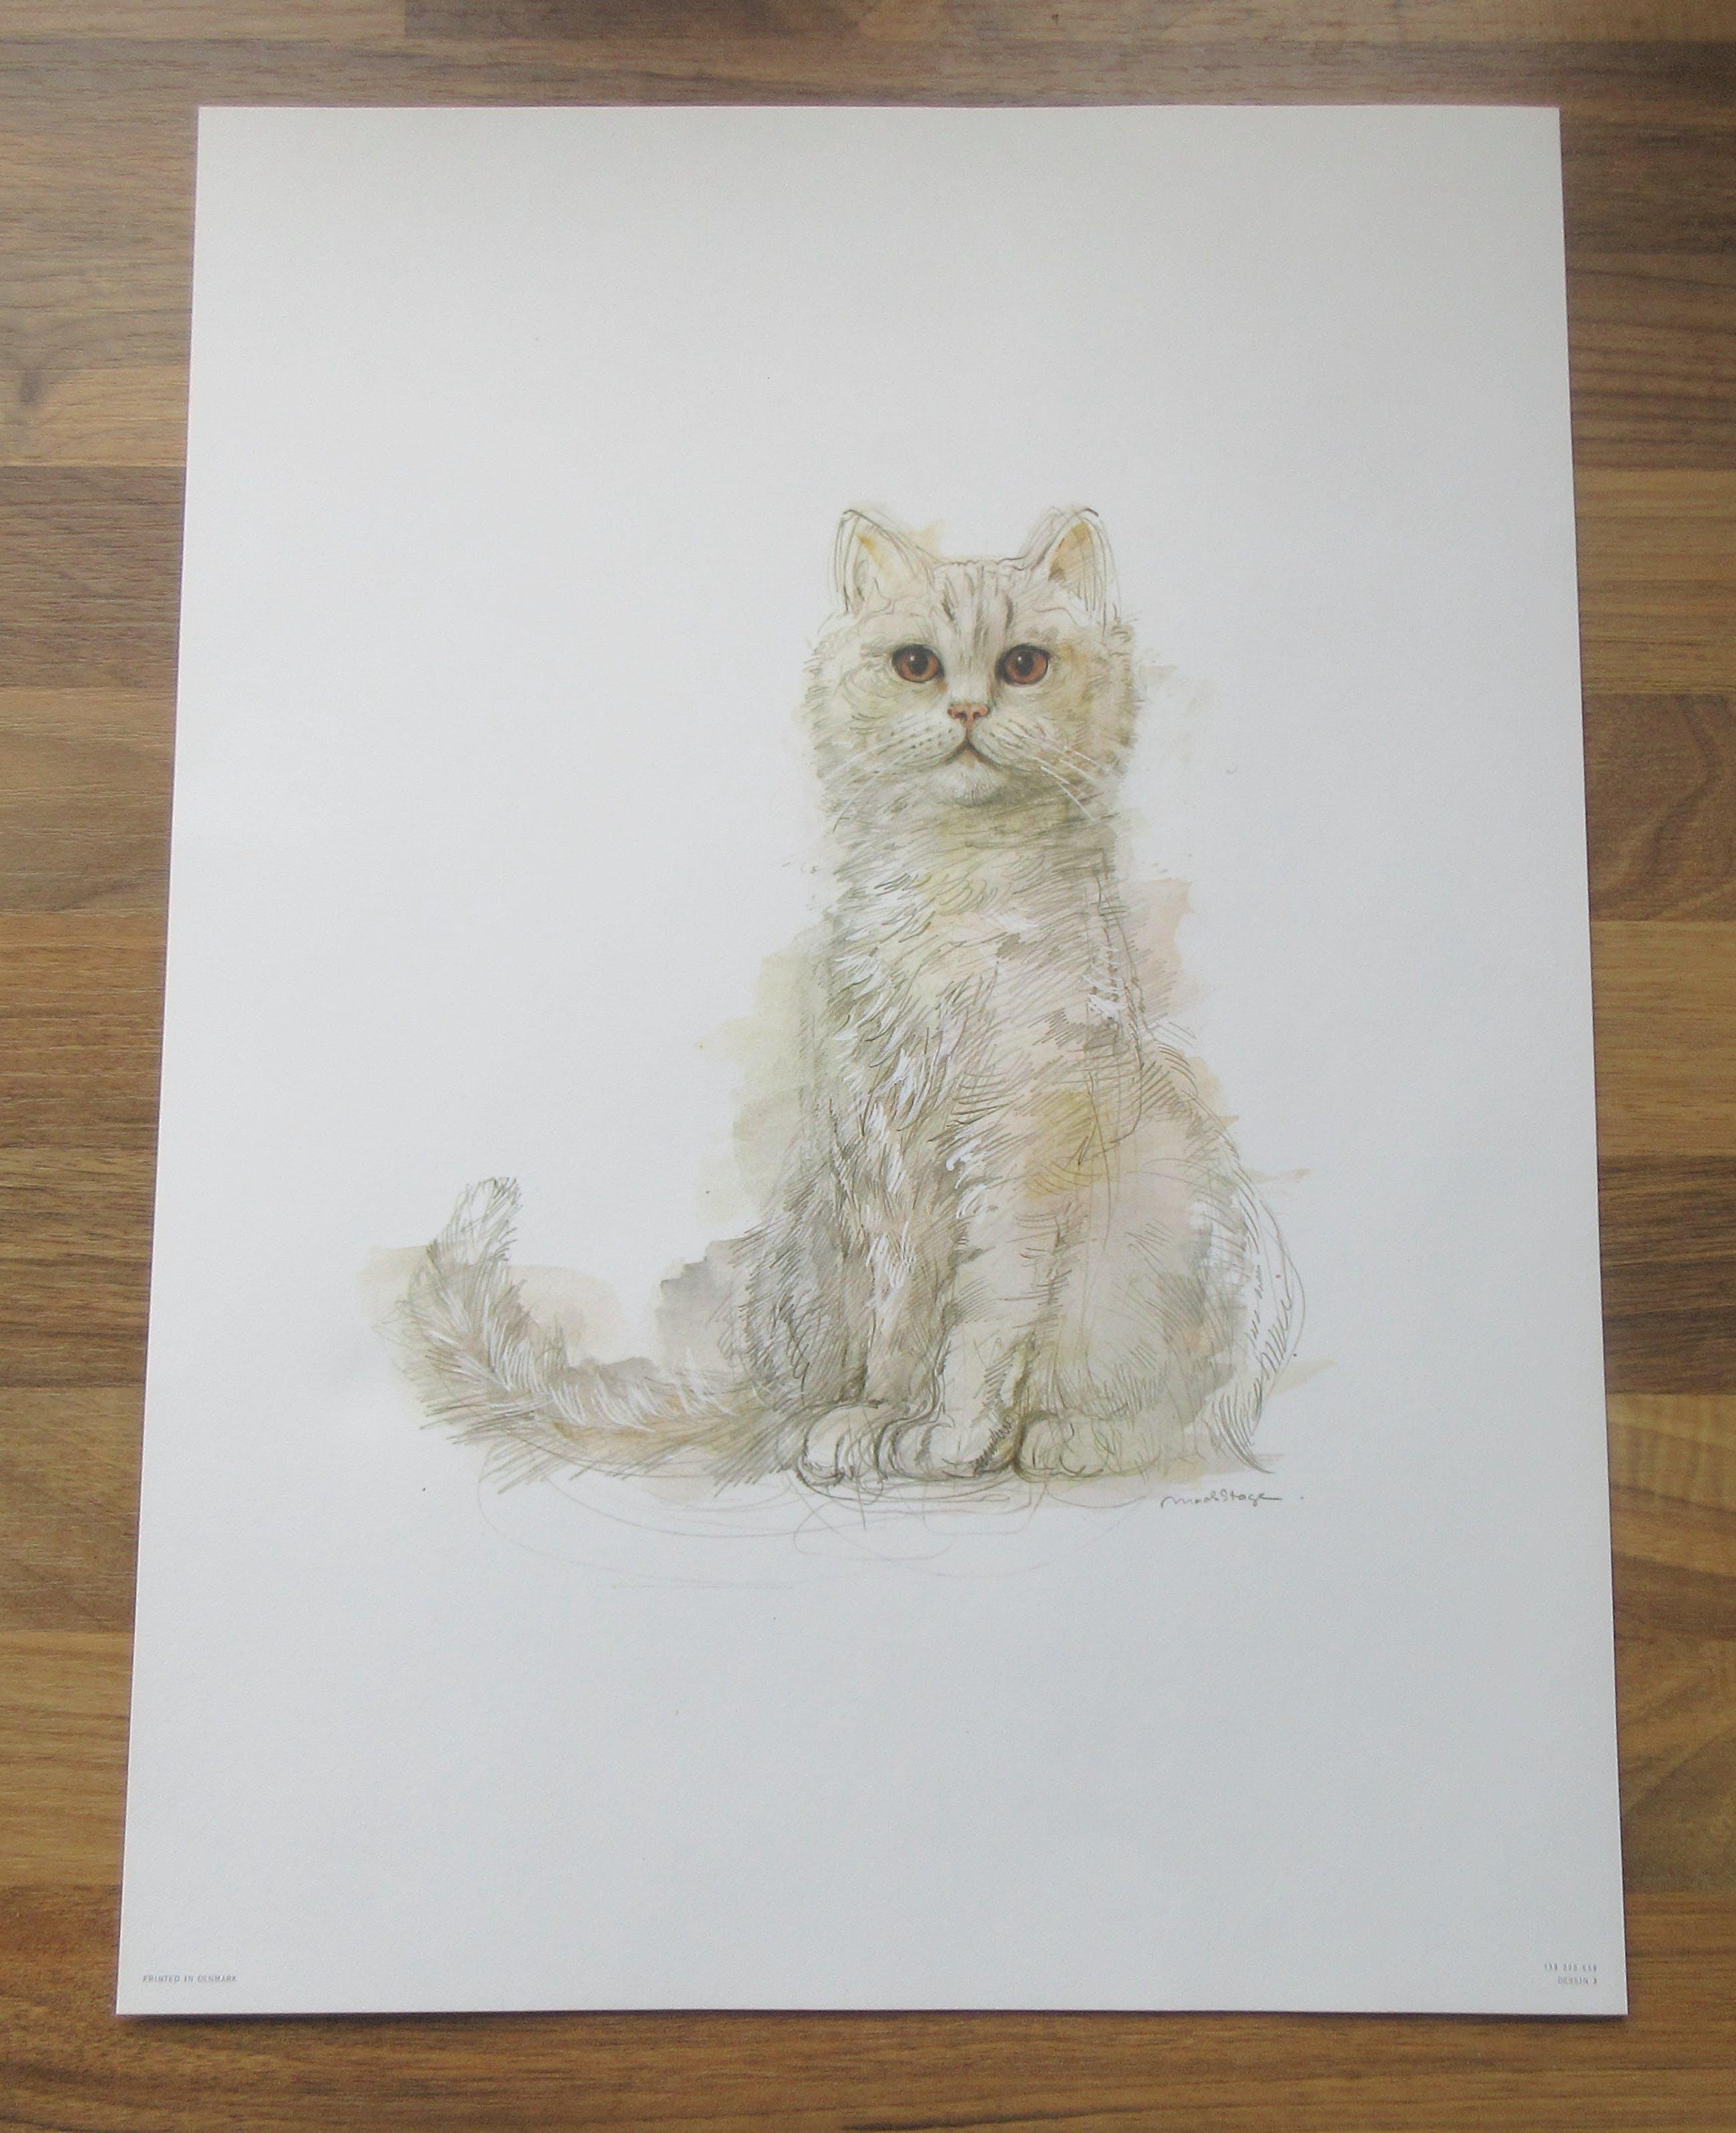 Niet of onleesbaar gesigneerd - Mads Stage - 4 Studies of Cats kopen? Bied vanaf 1!